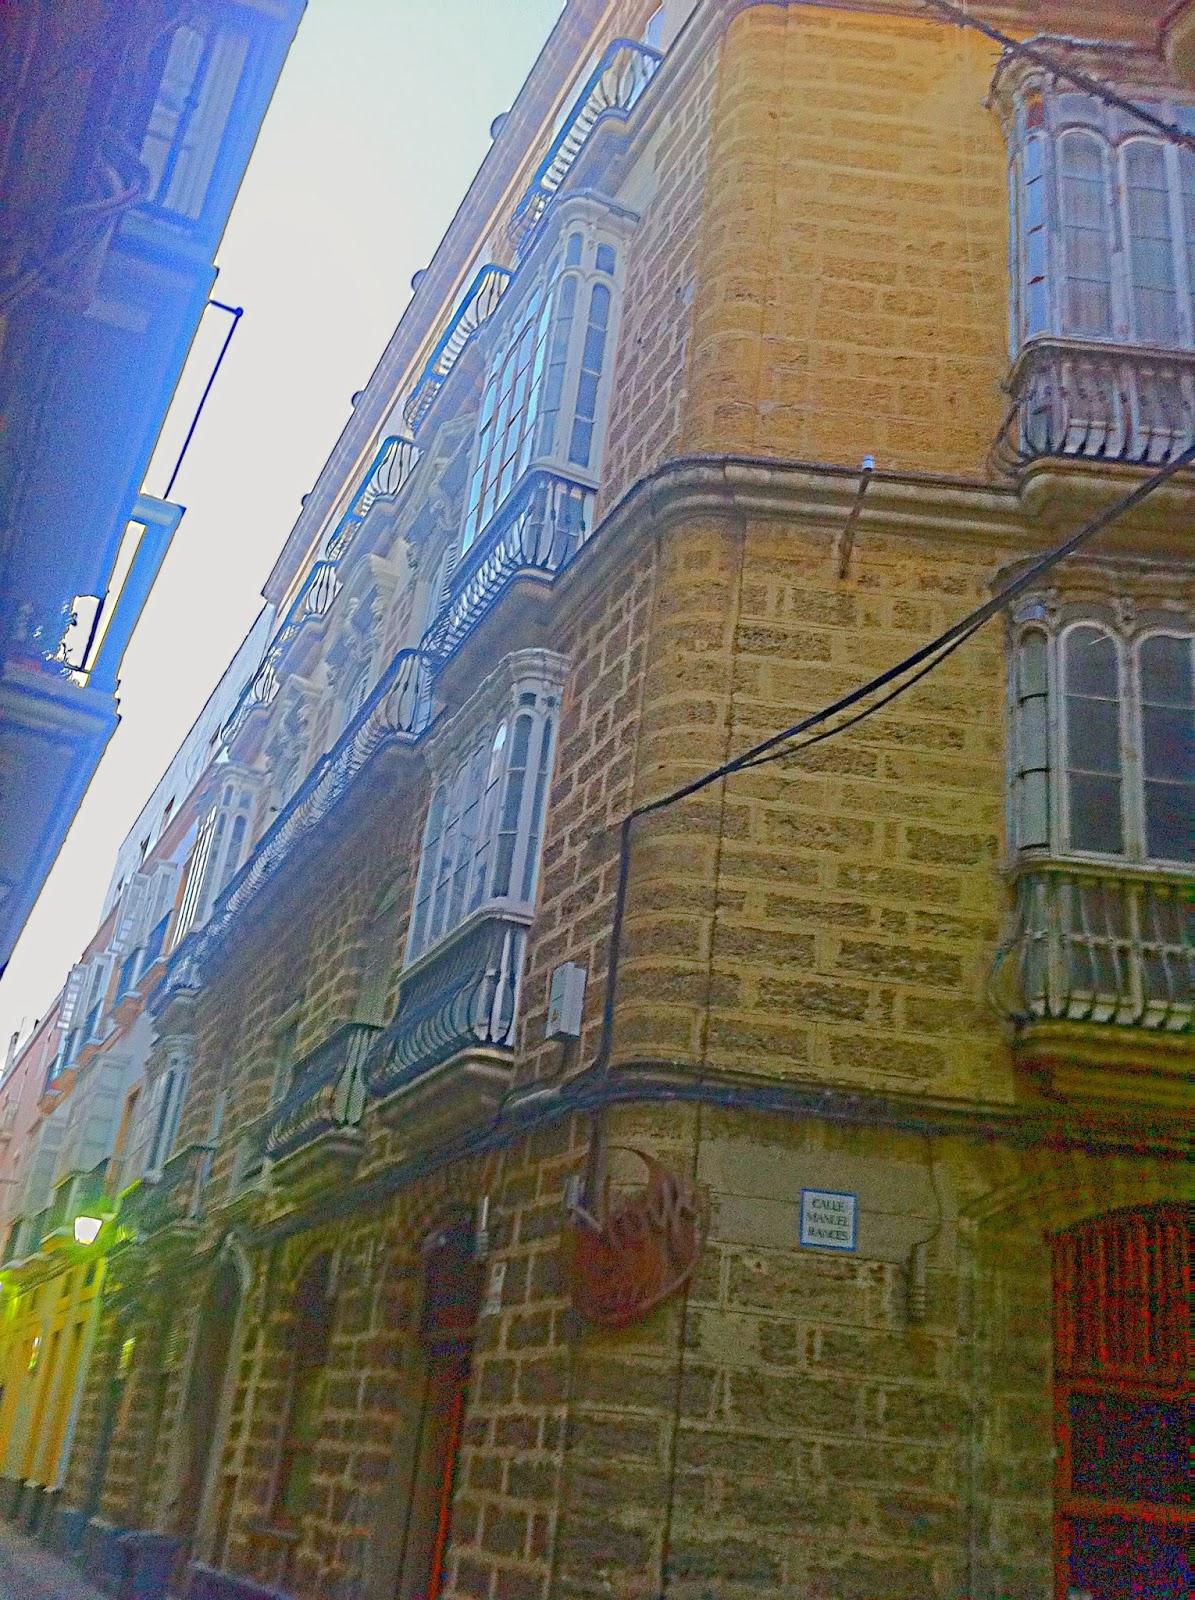 Cuaderno de apuntes fotos - La casa del pirata cadiz ...